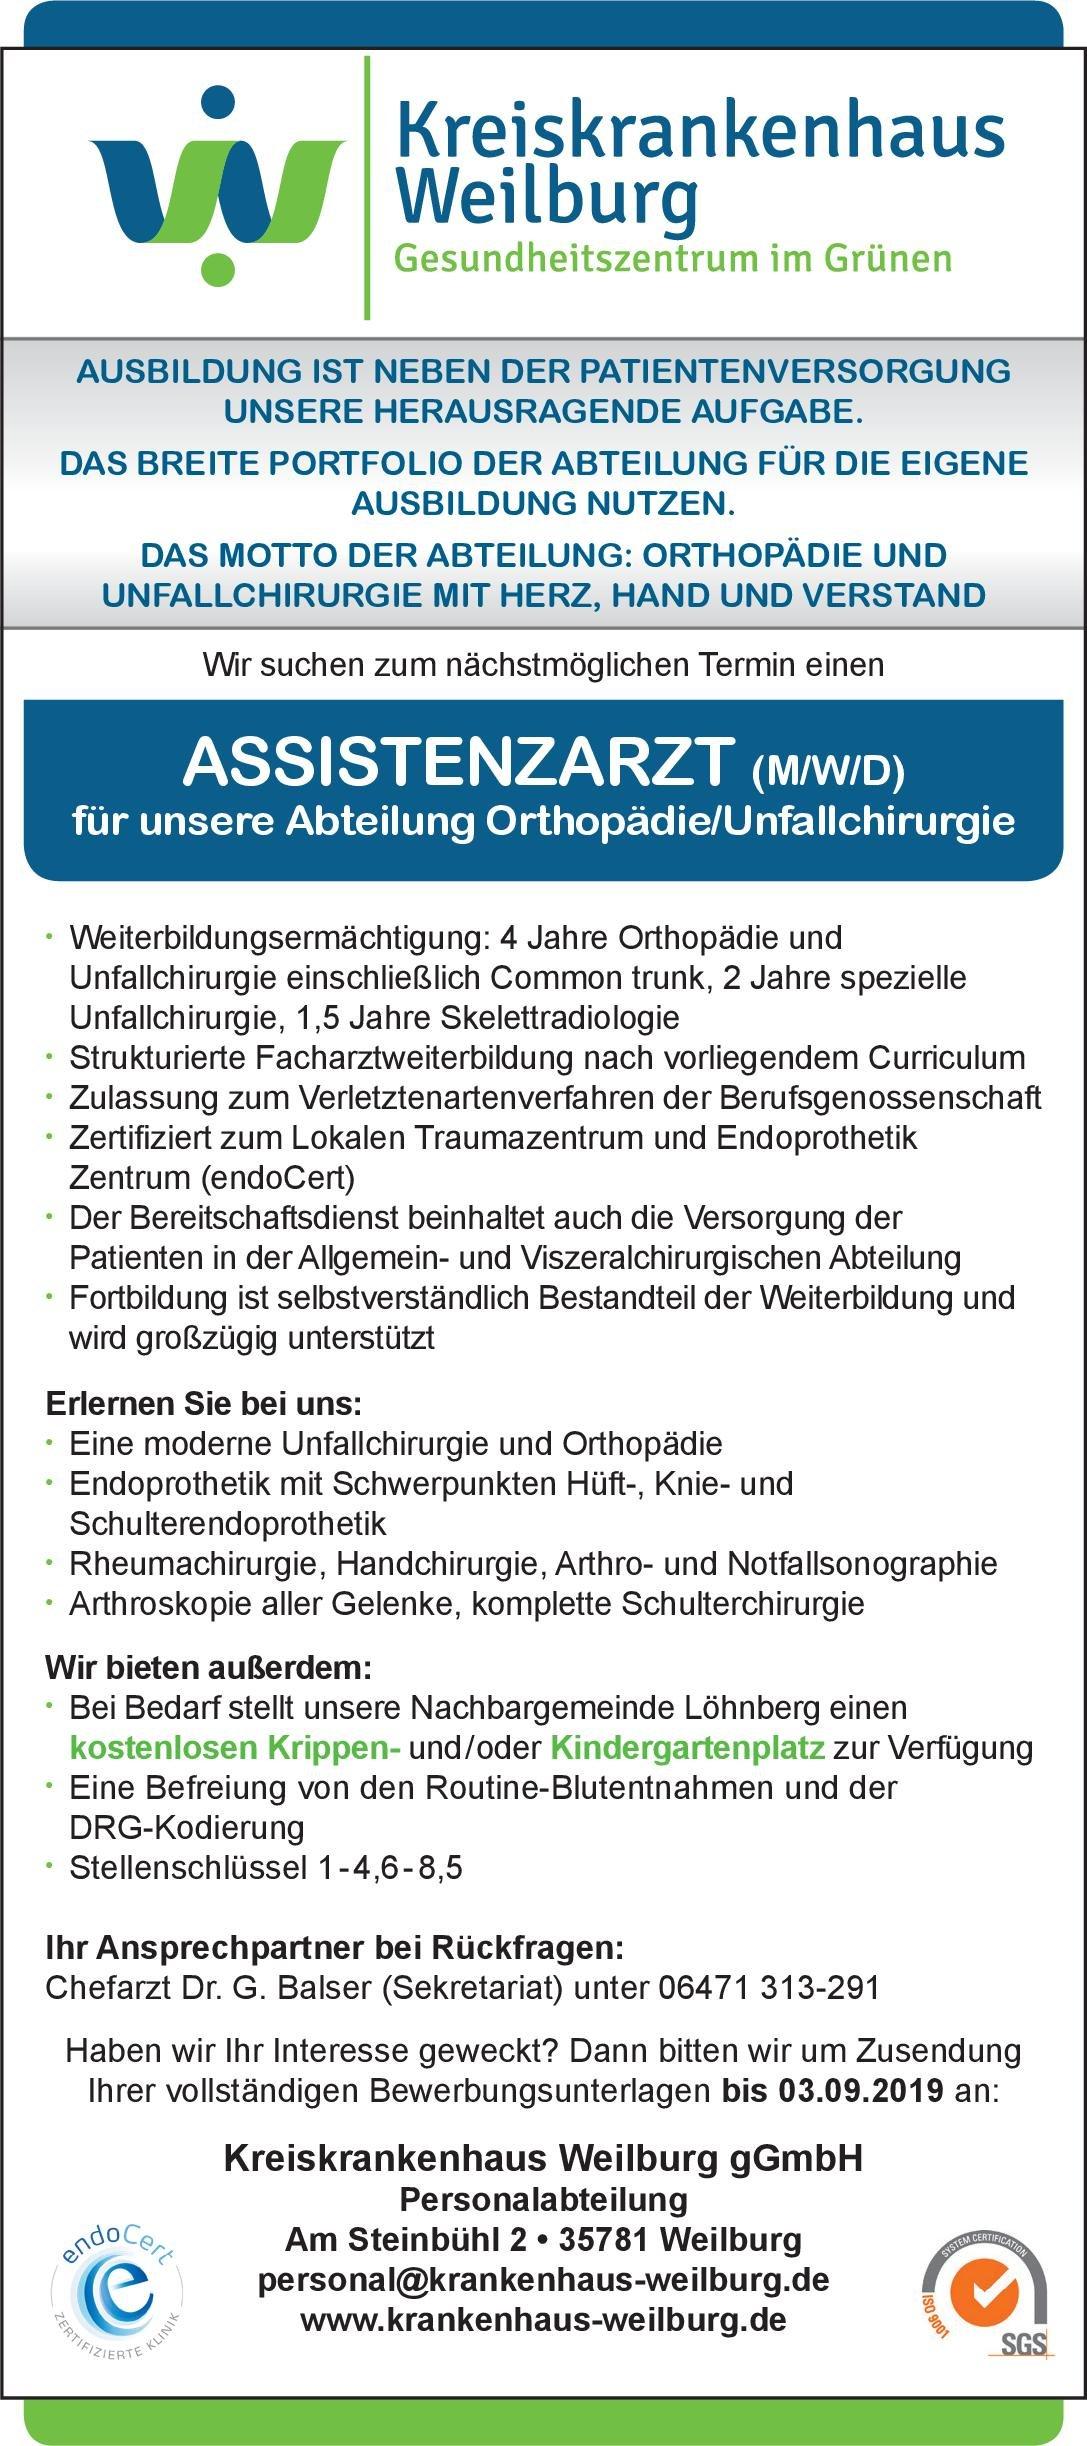 Kreiskrankenhaus Weilburg gGmbH Assistenzarzt (m/w/d) Orthopädie/Unfallchirurgie  Orthopädie und Unfallchirurgie, Chirurgie Assistenzarzt / Arzt in Weiterbildung